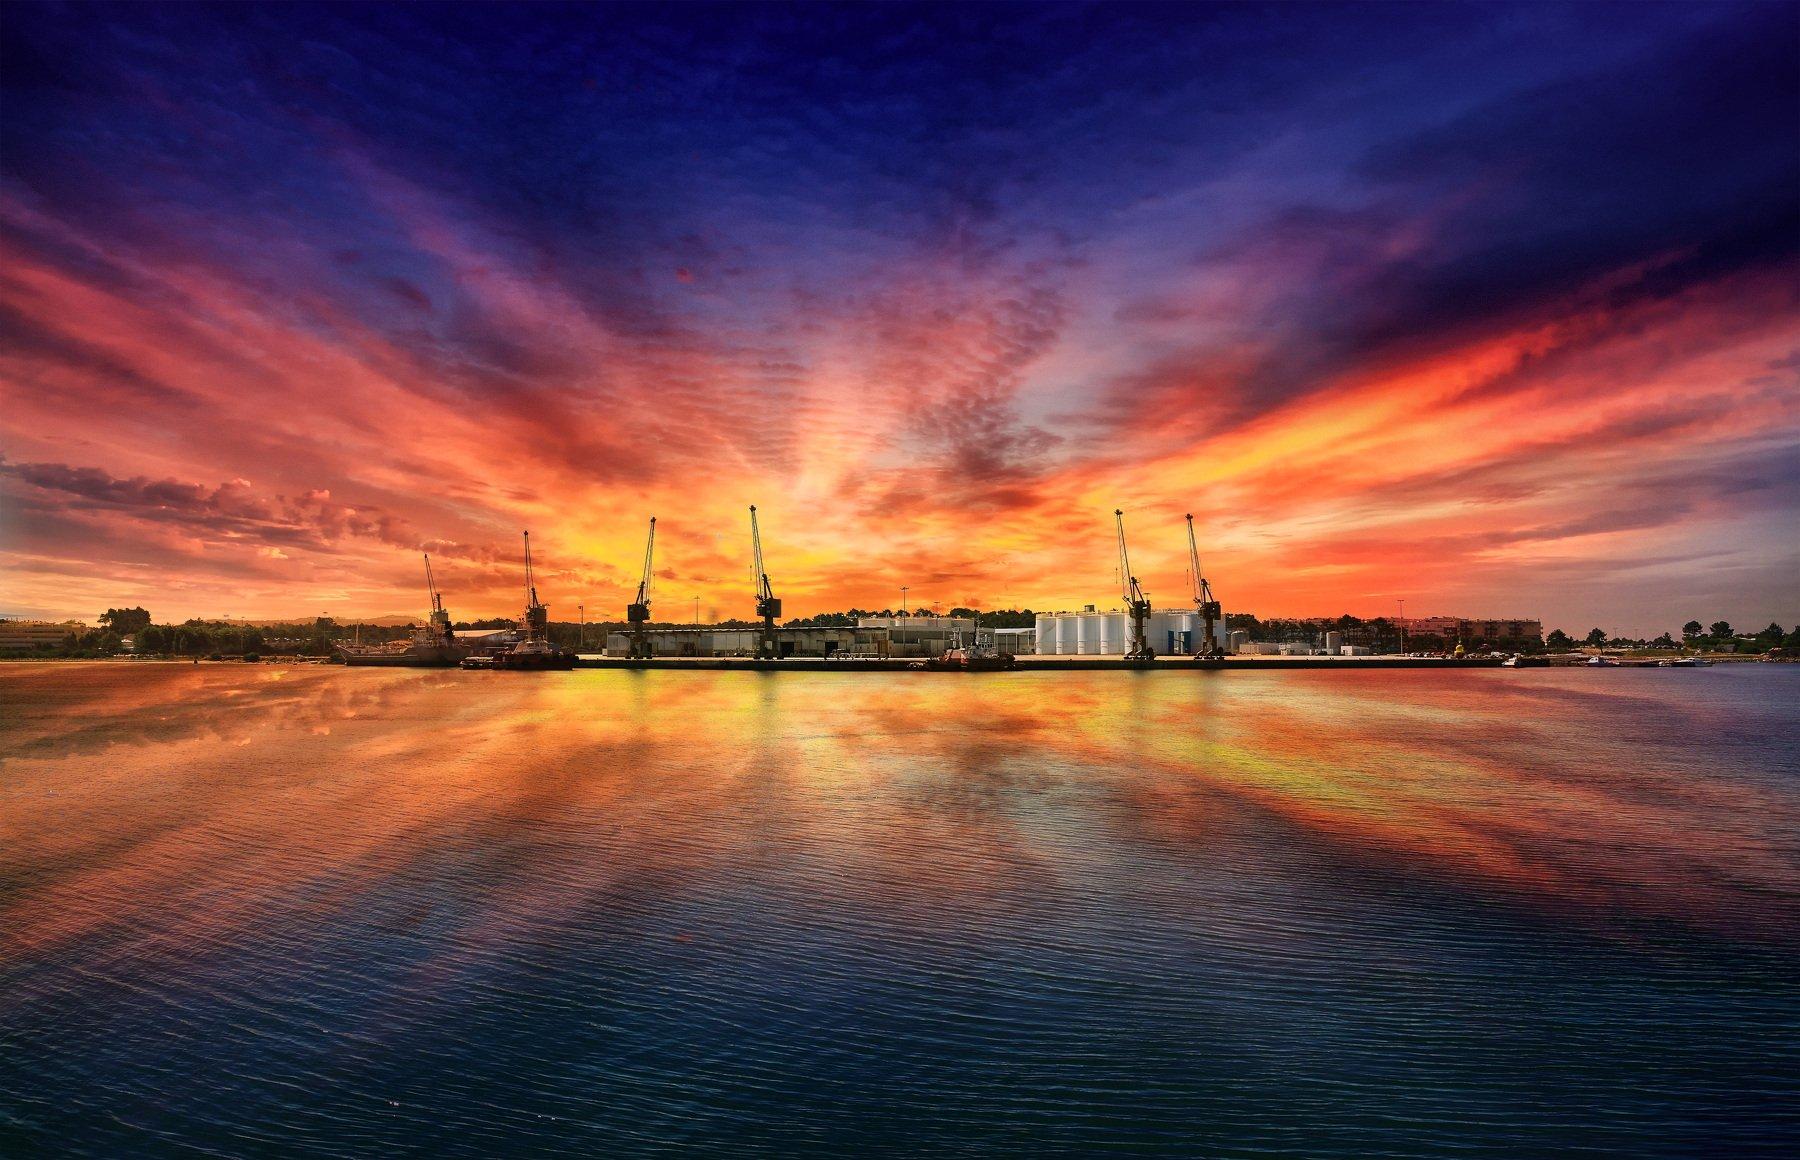 Viana do Castelo, Portugal, color, sunset, reflection, art, sky, skyline, center, Antonio Bernardino